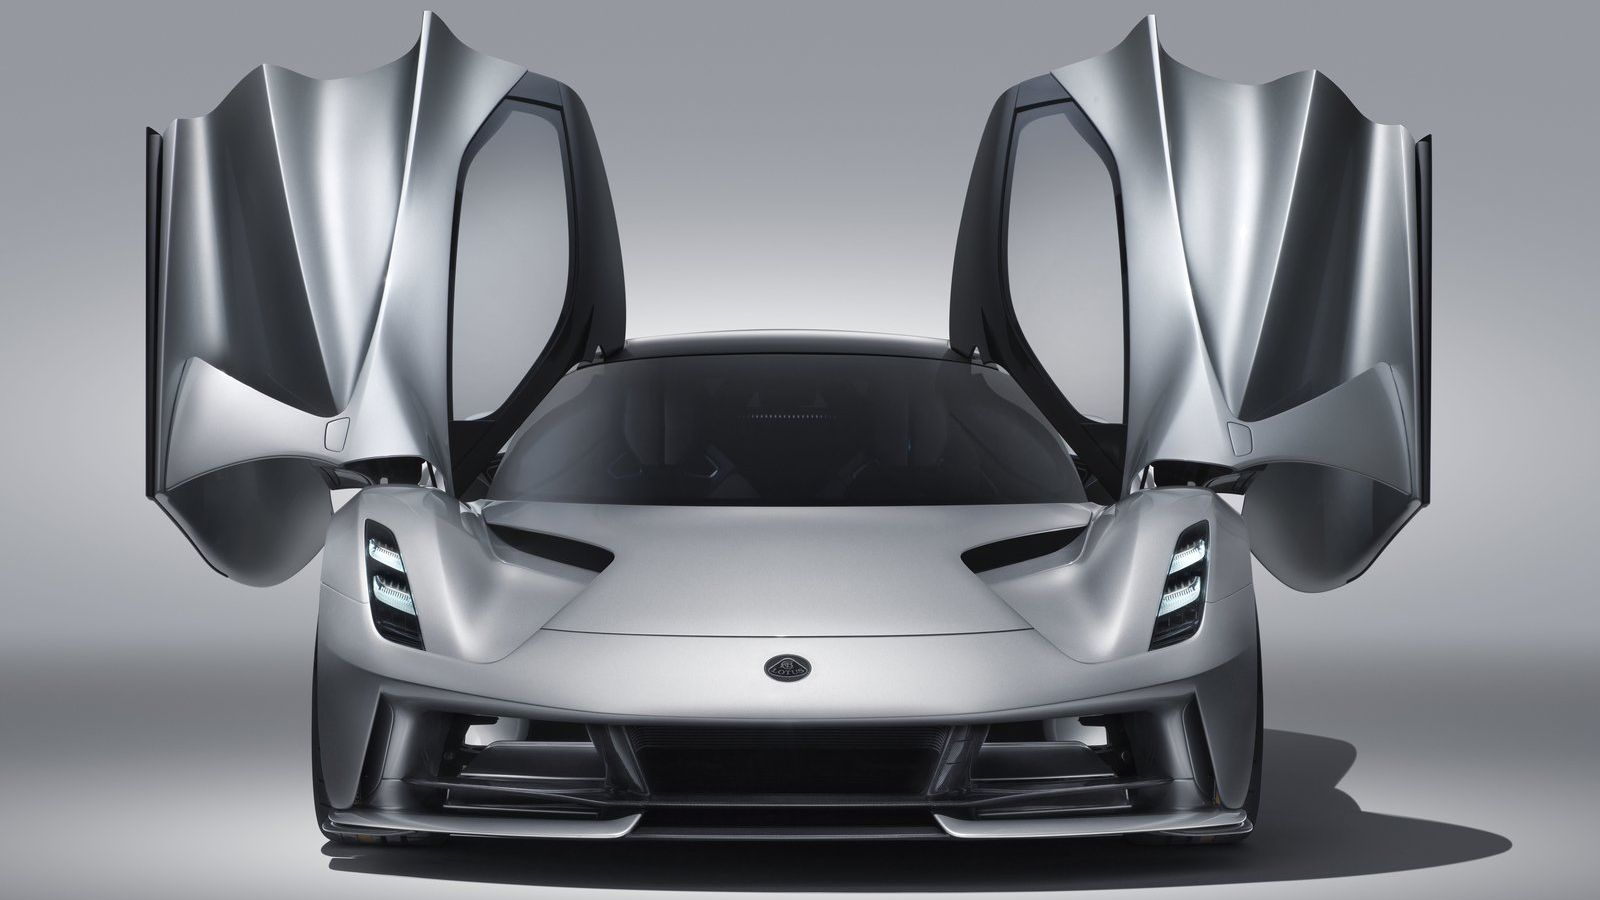 Legjobb családi autó 2020